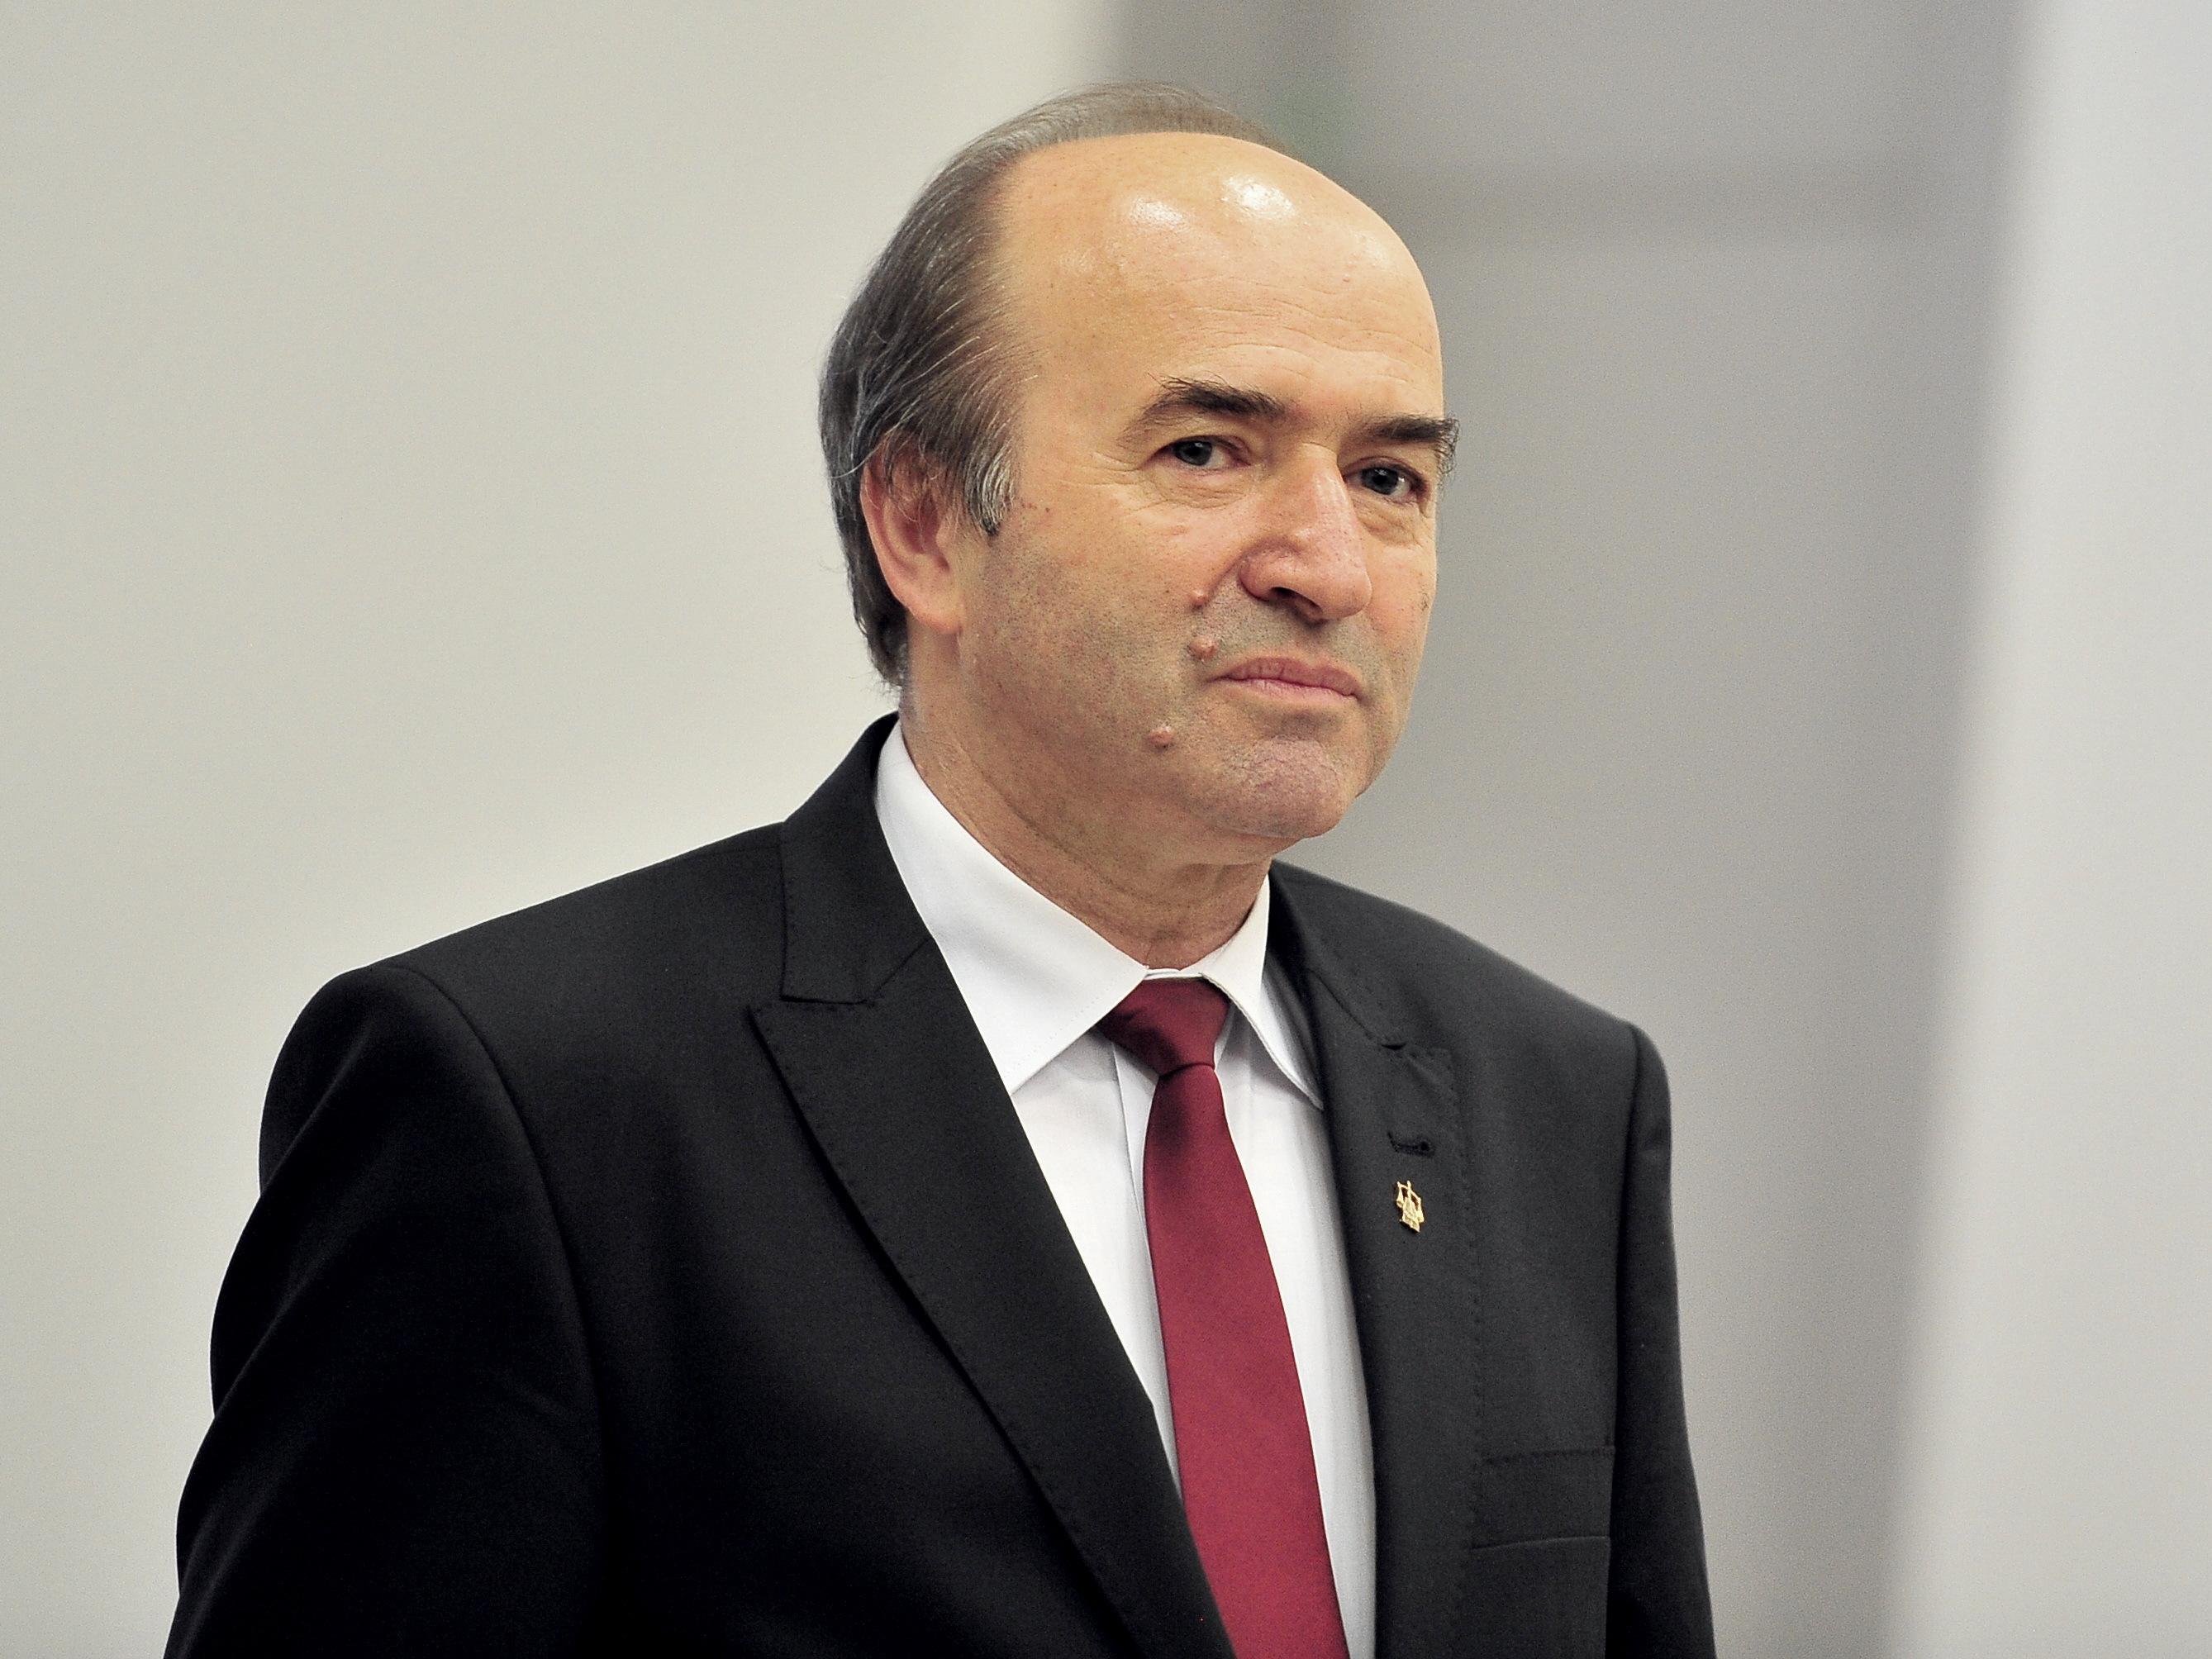 Comisia specială condusă de Florin Iordache a început dezbaterile la proiectele de modificare a legilor Justiţiei